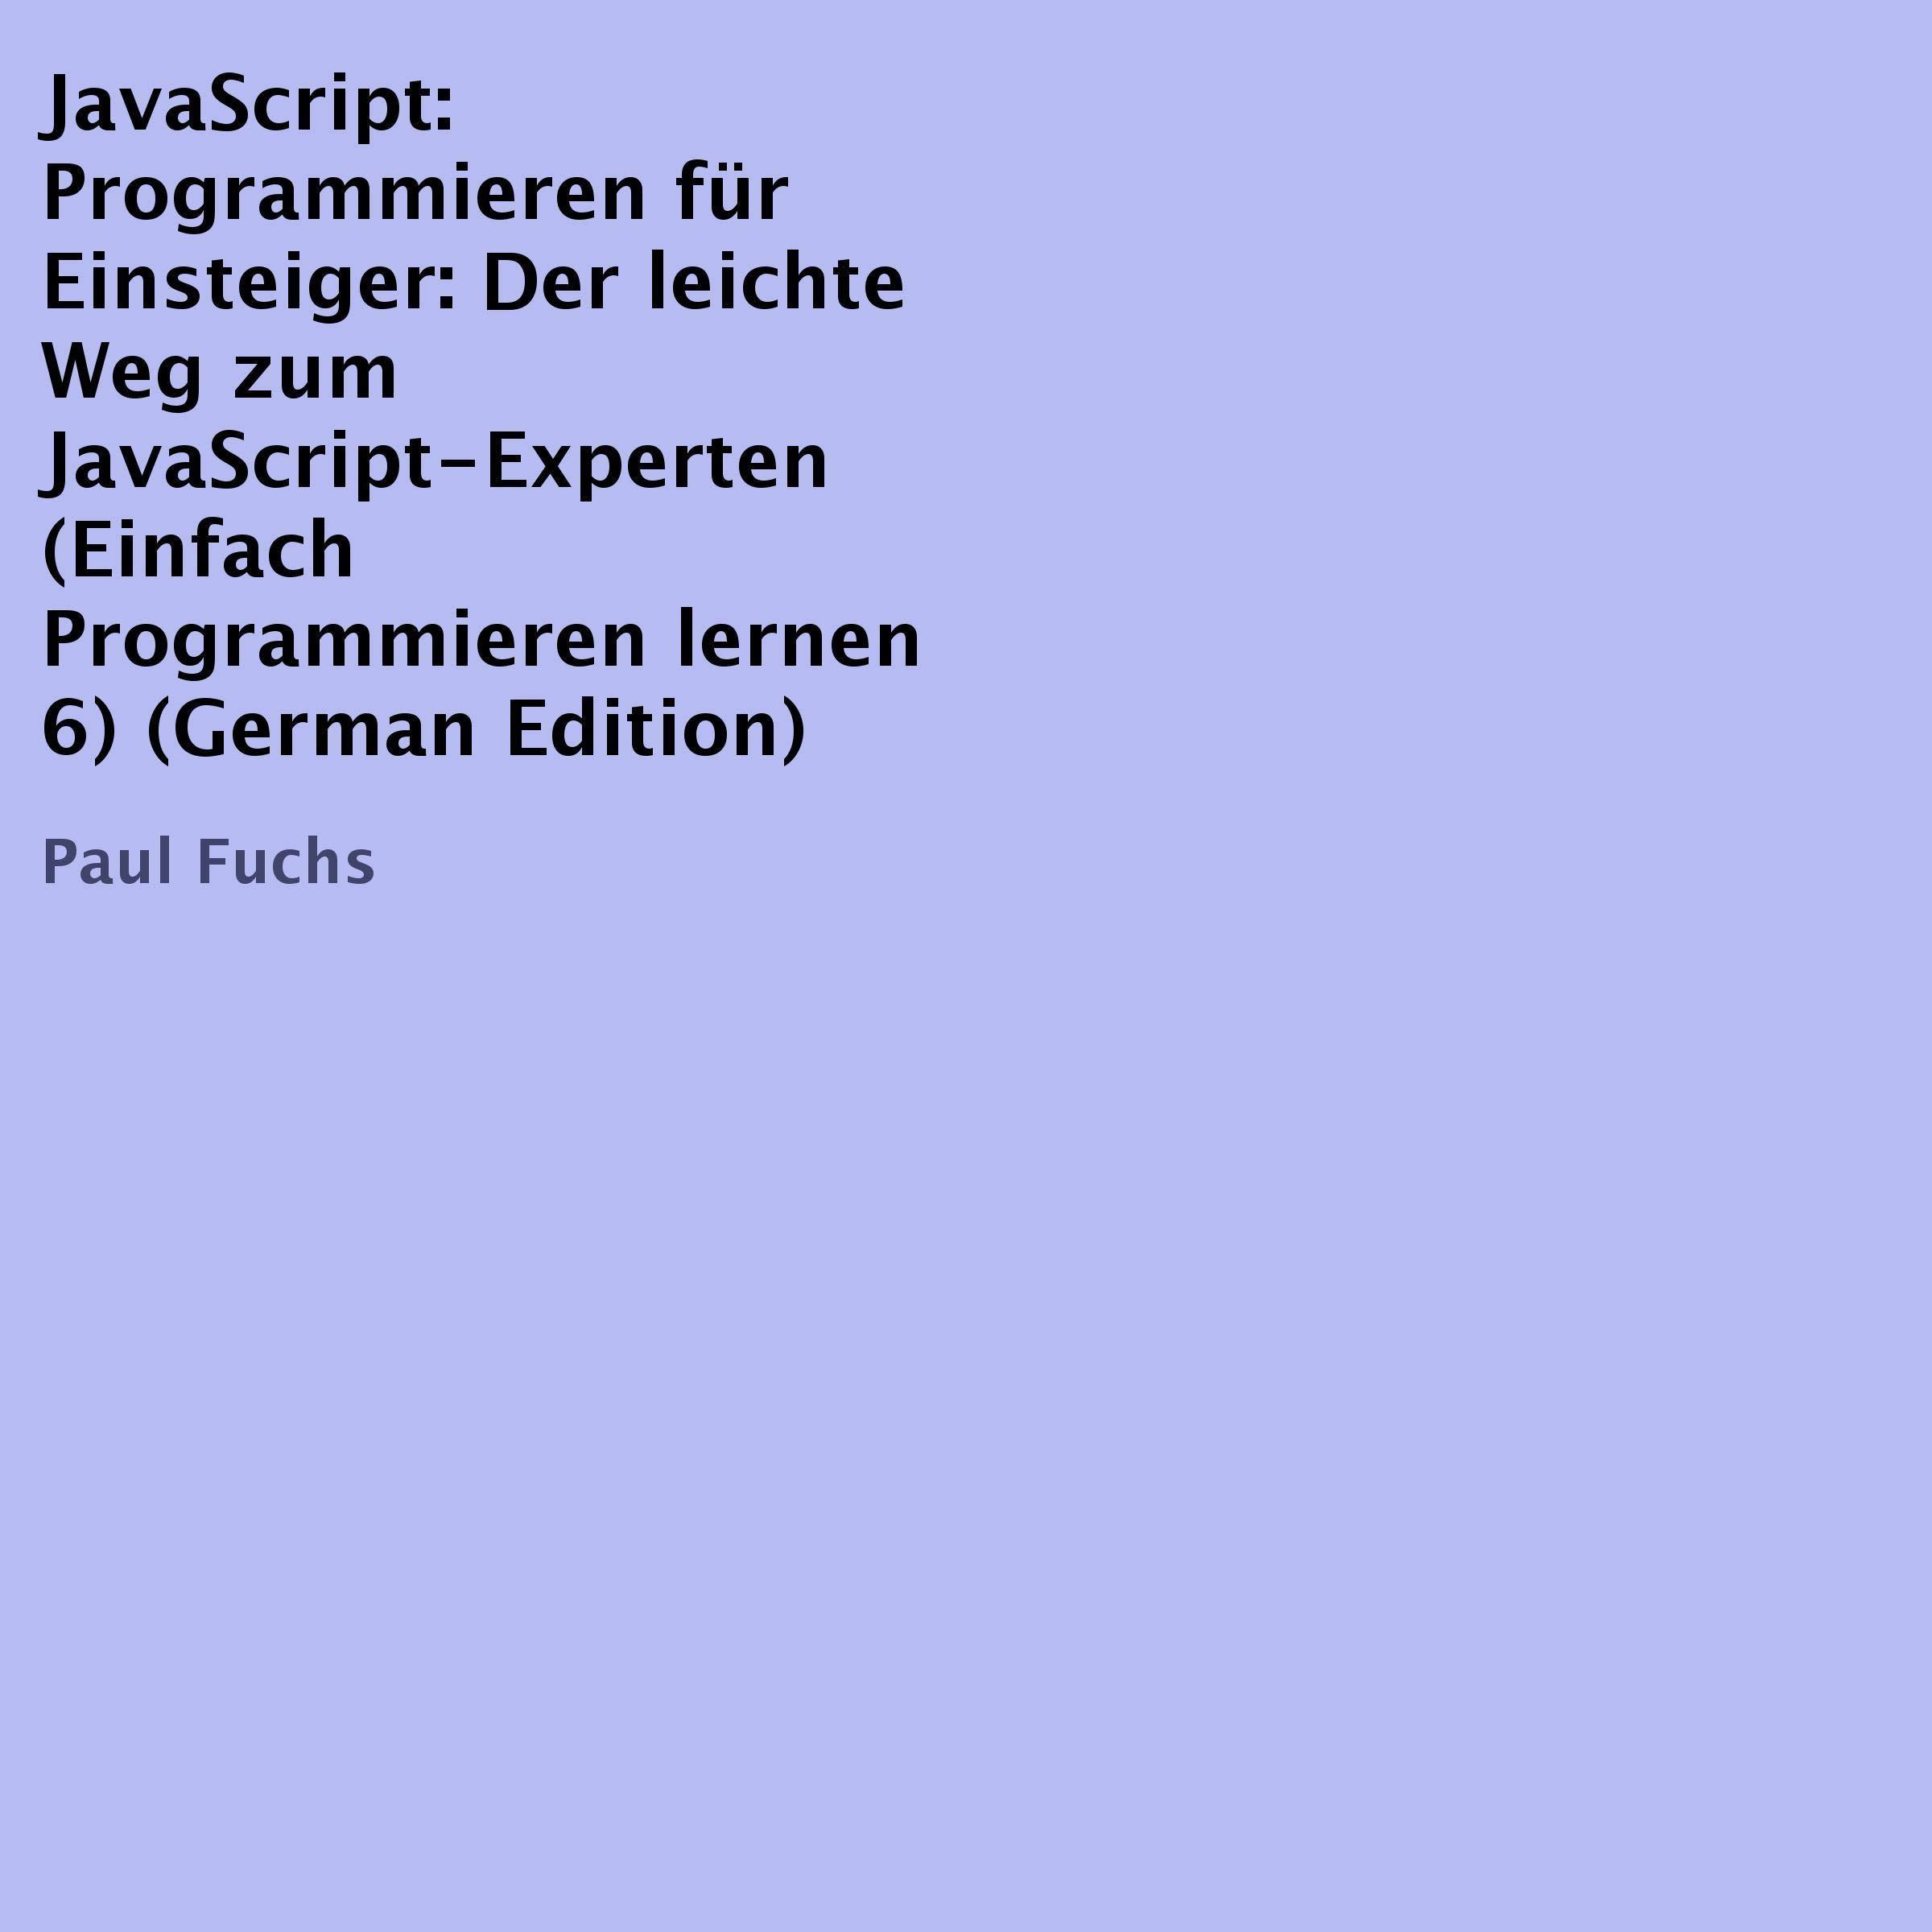 JavaScript  Programmieren Für Einsteiger  Der Leichte Weg Zum JavaScript Experten  Einfach Programmieren Lernen 6